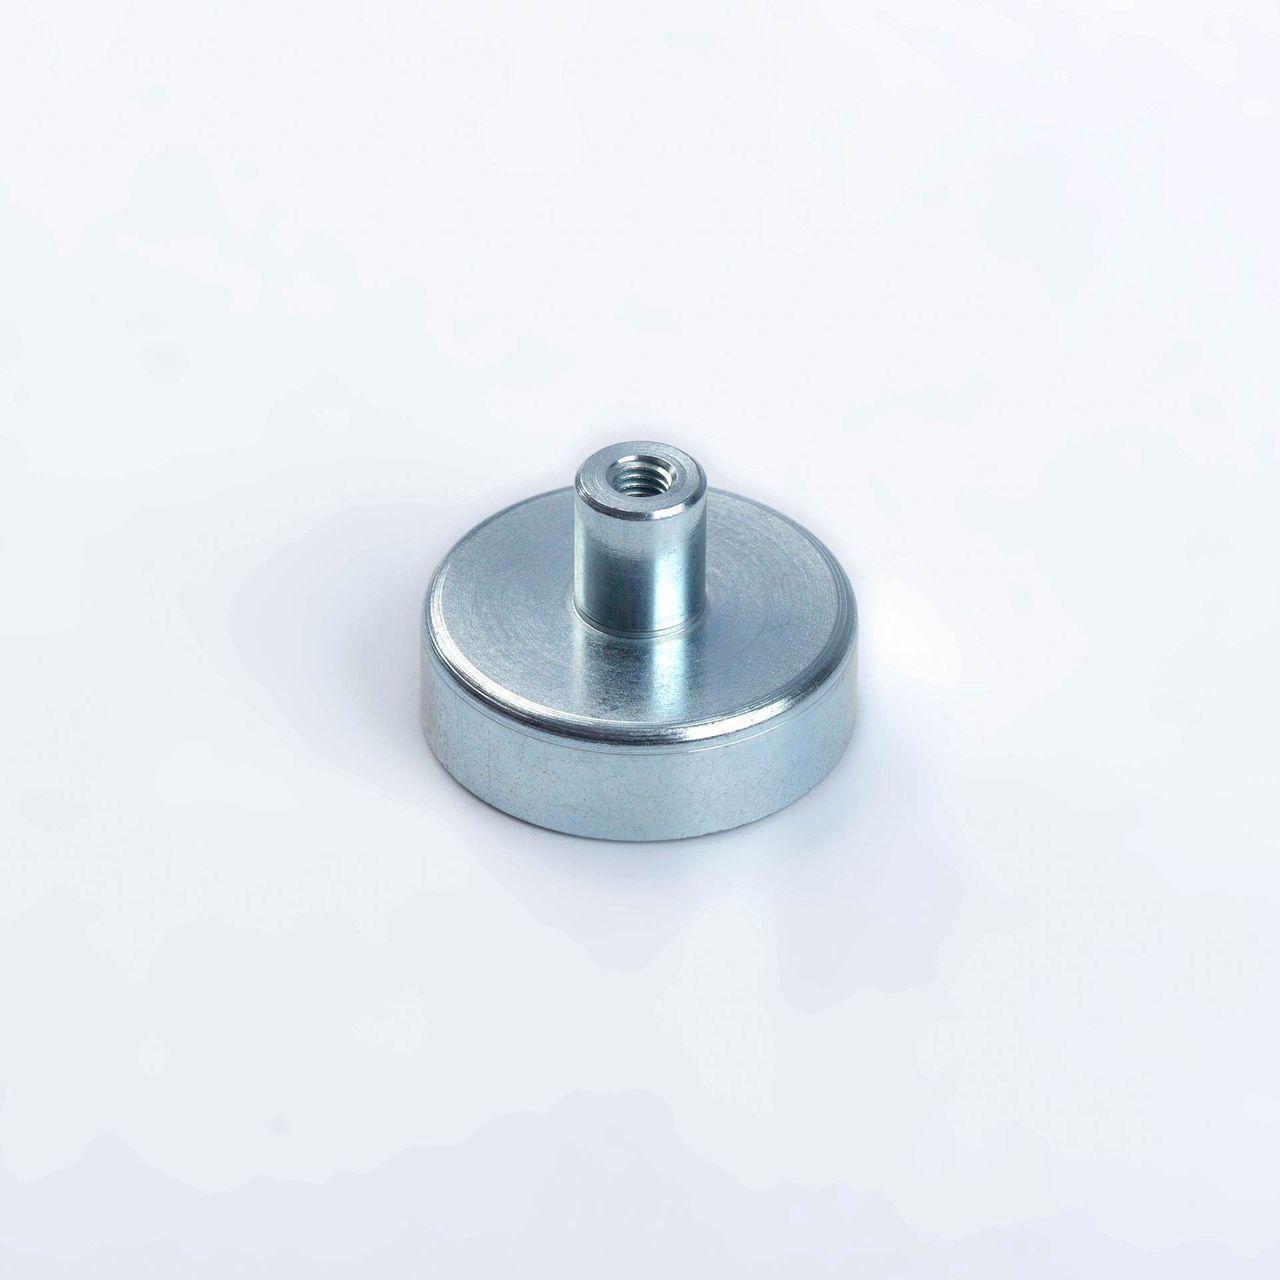 Pot magnet made of hard ferrite with threaded bush, galvanized, thyssenkrupp Magnettechnik